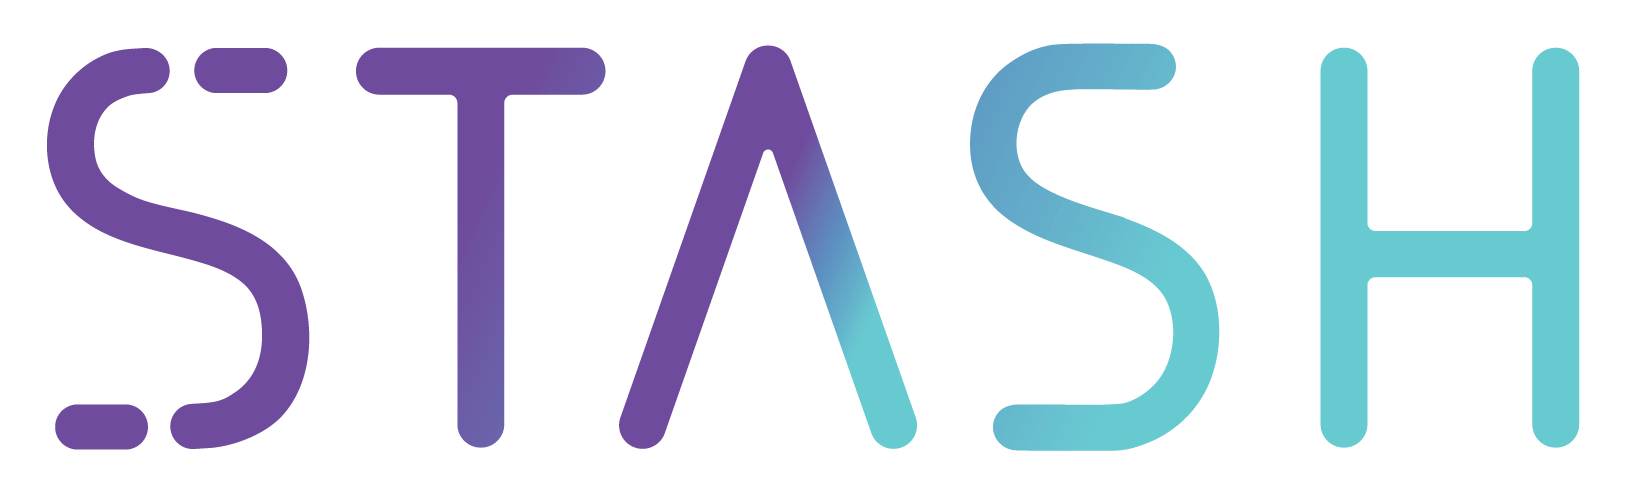 stash_logo.png